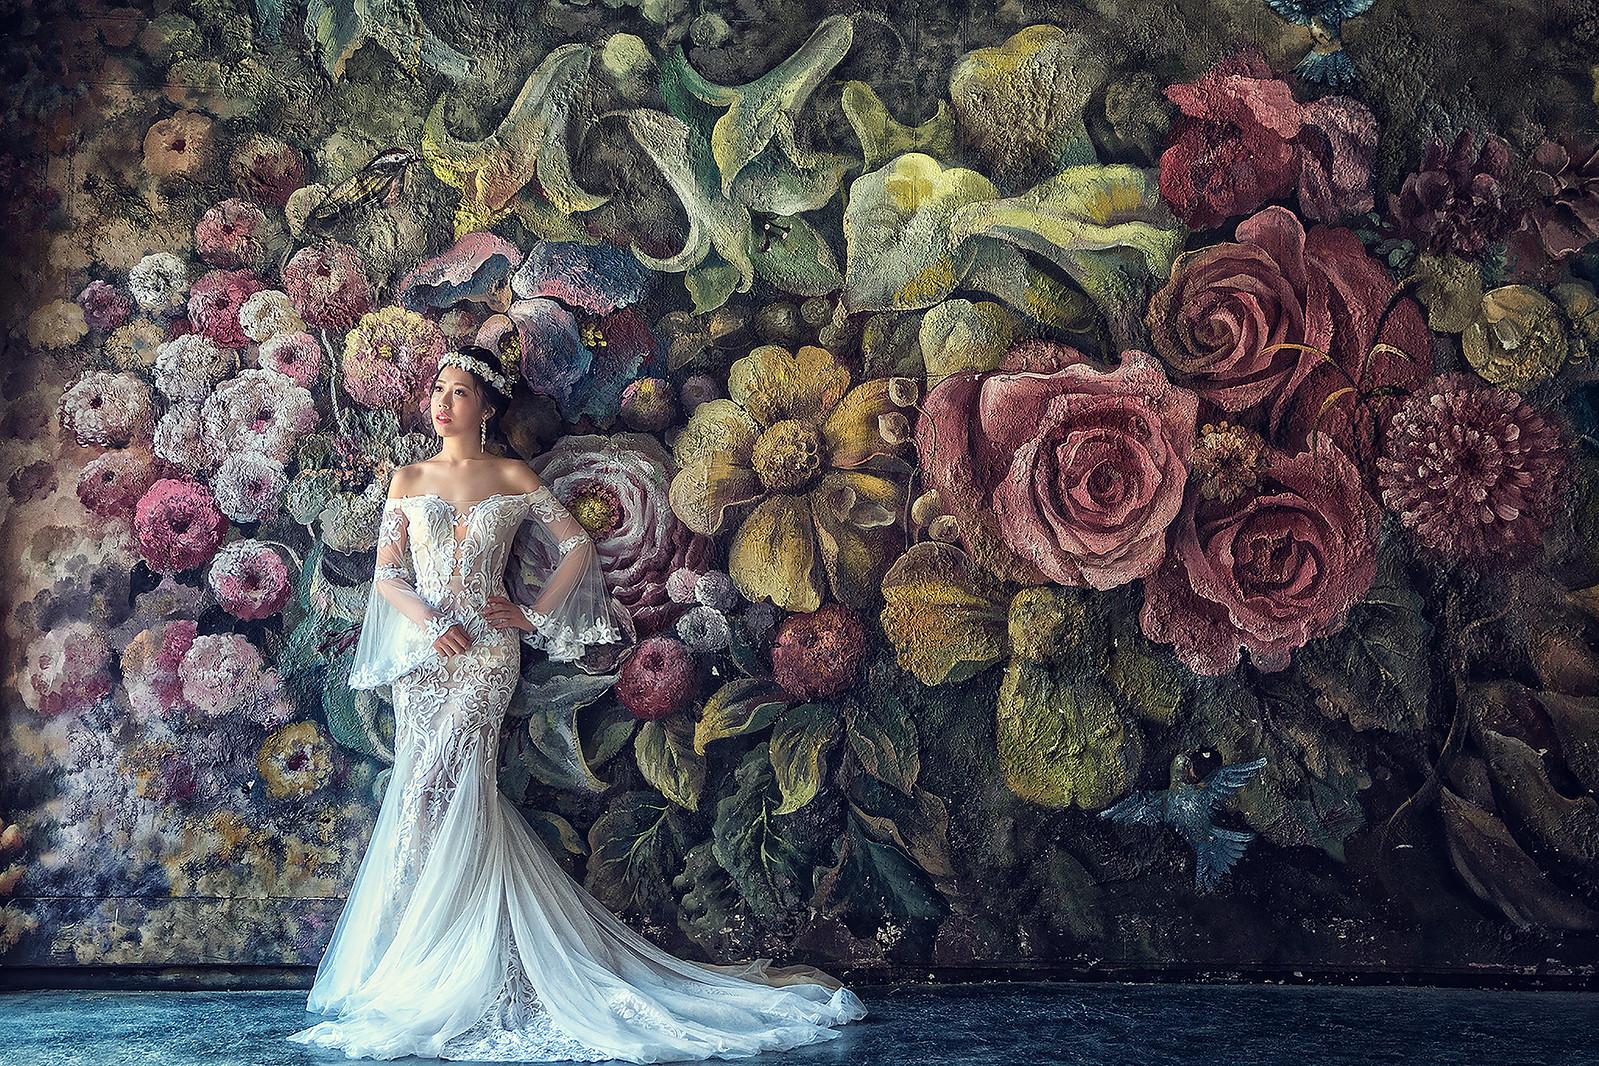 181024-0006-婚紗攝影-閨蜜婚紗-格林奇幻森林-攝影基地-白紗-韓風-油畫-花牆